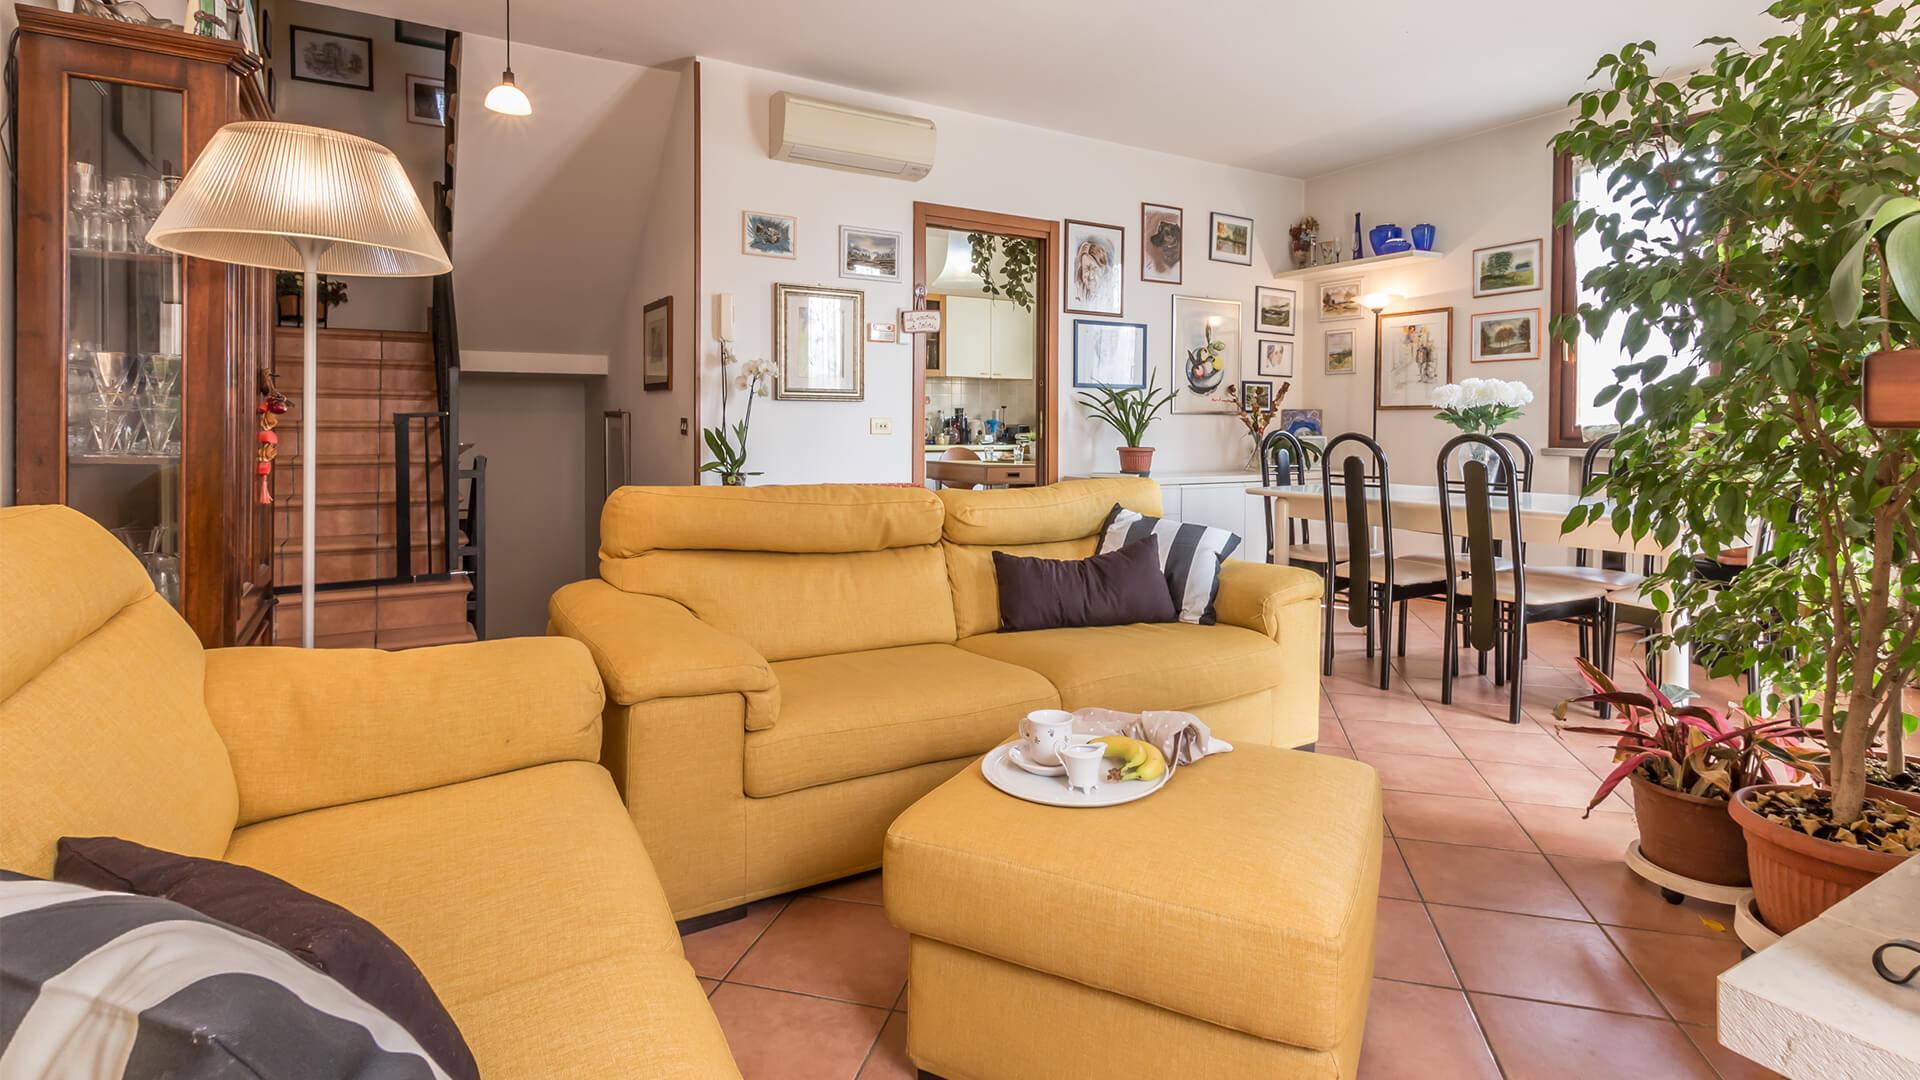 carta bianca progetto home staging villa a schiera reggio emilia foto 9